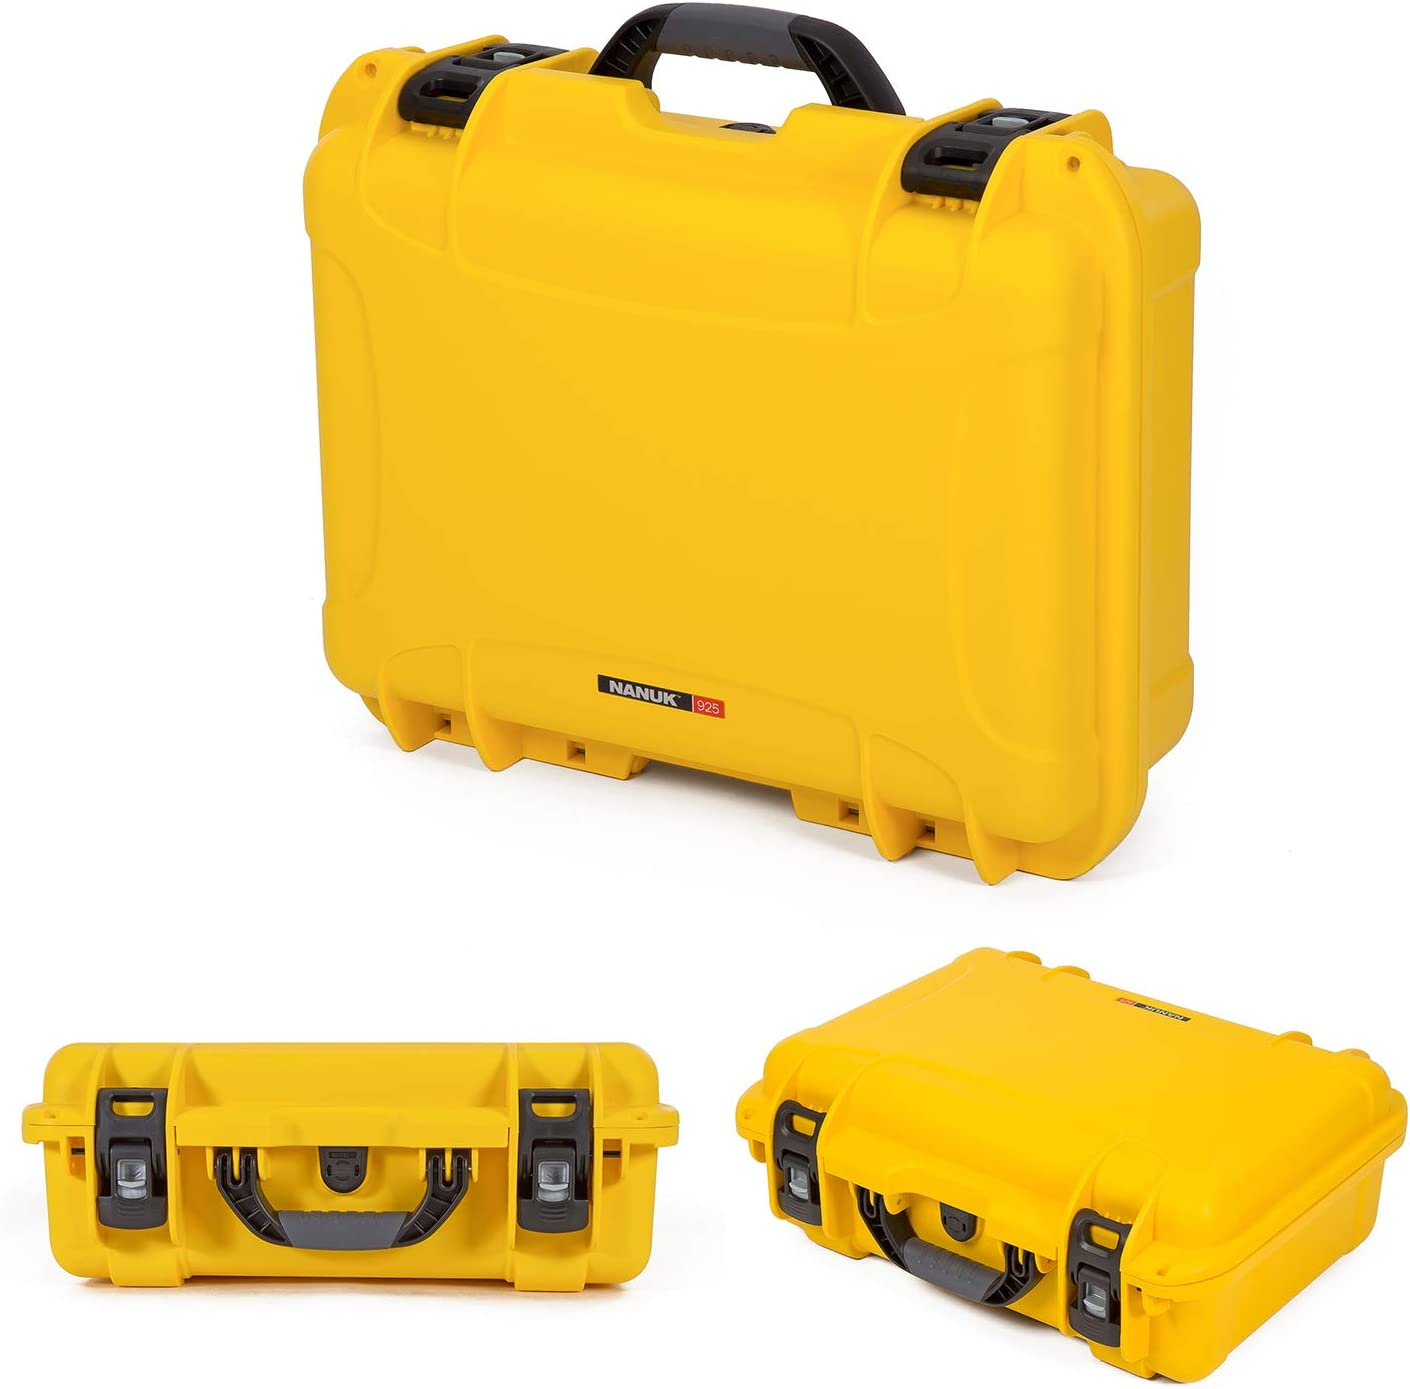 Nanuk 925 Waterproof Hard Case With Foam Insert For Dji Kamera